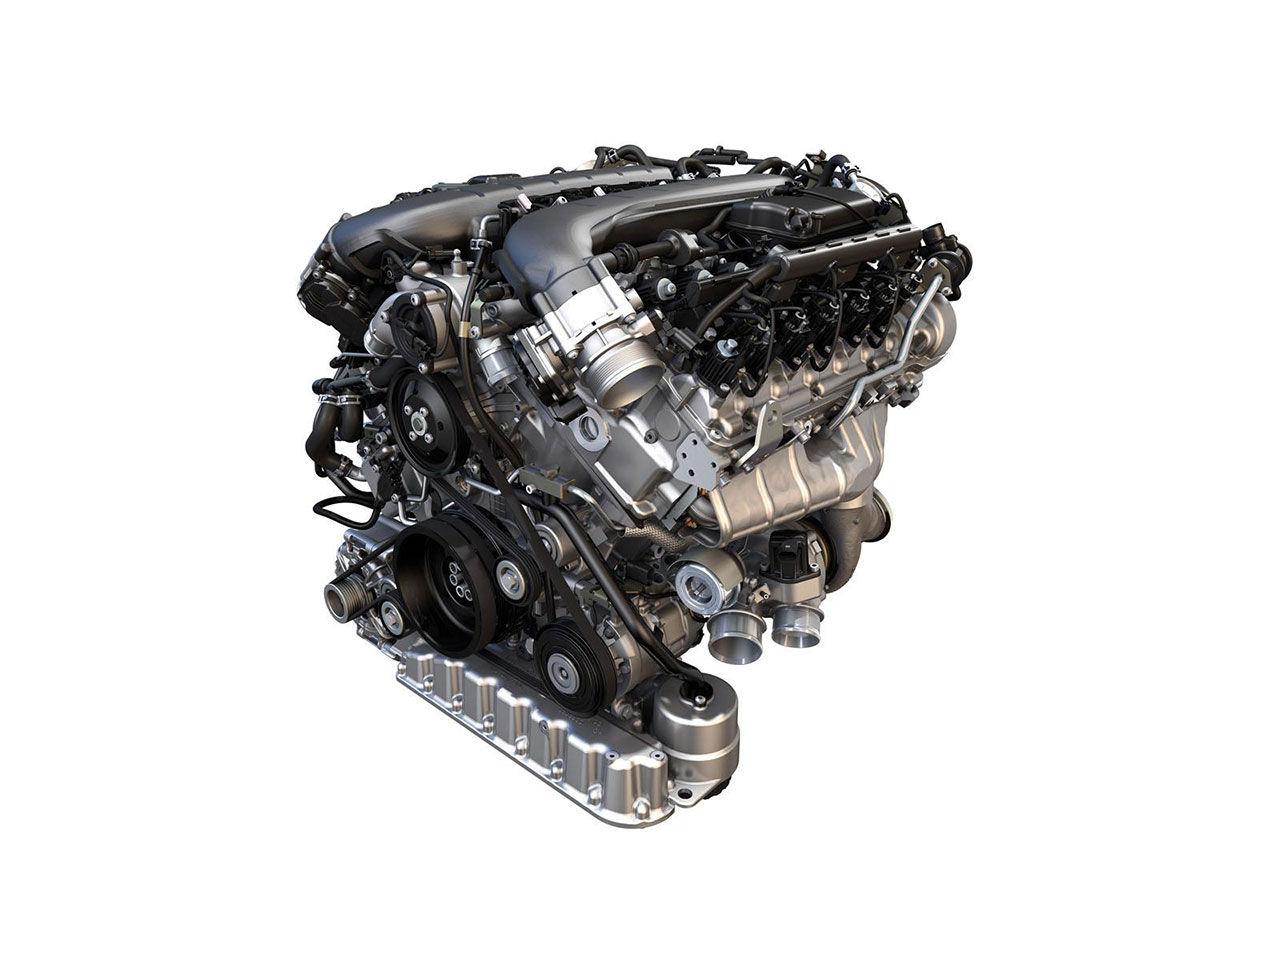 Volkswagen presenterar ny W12-motor